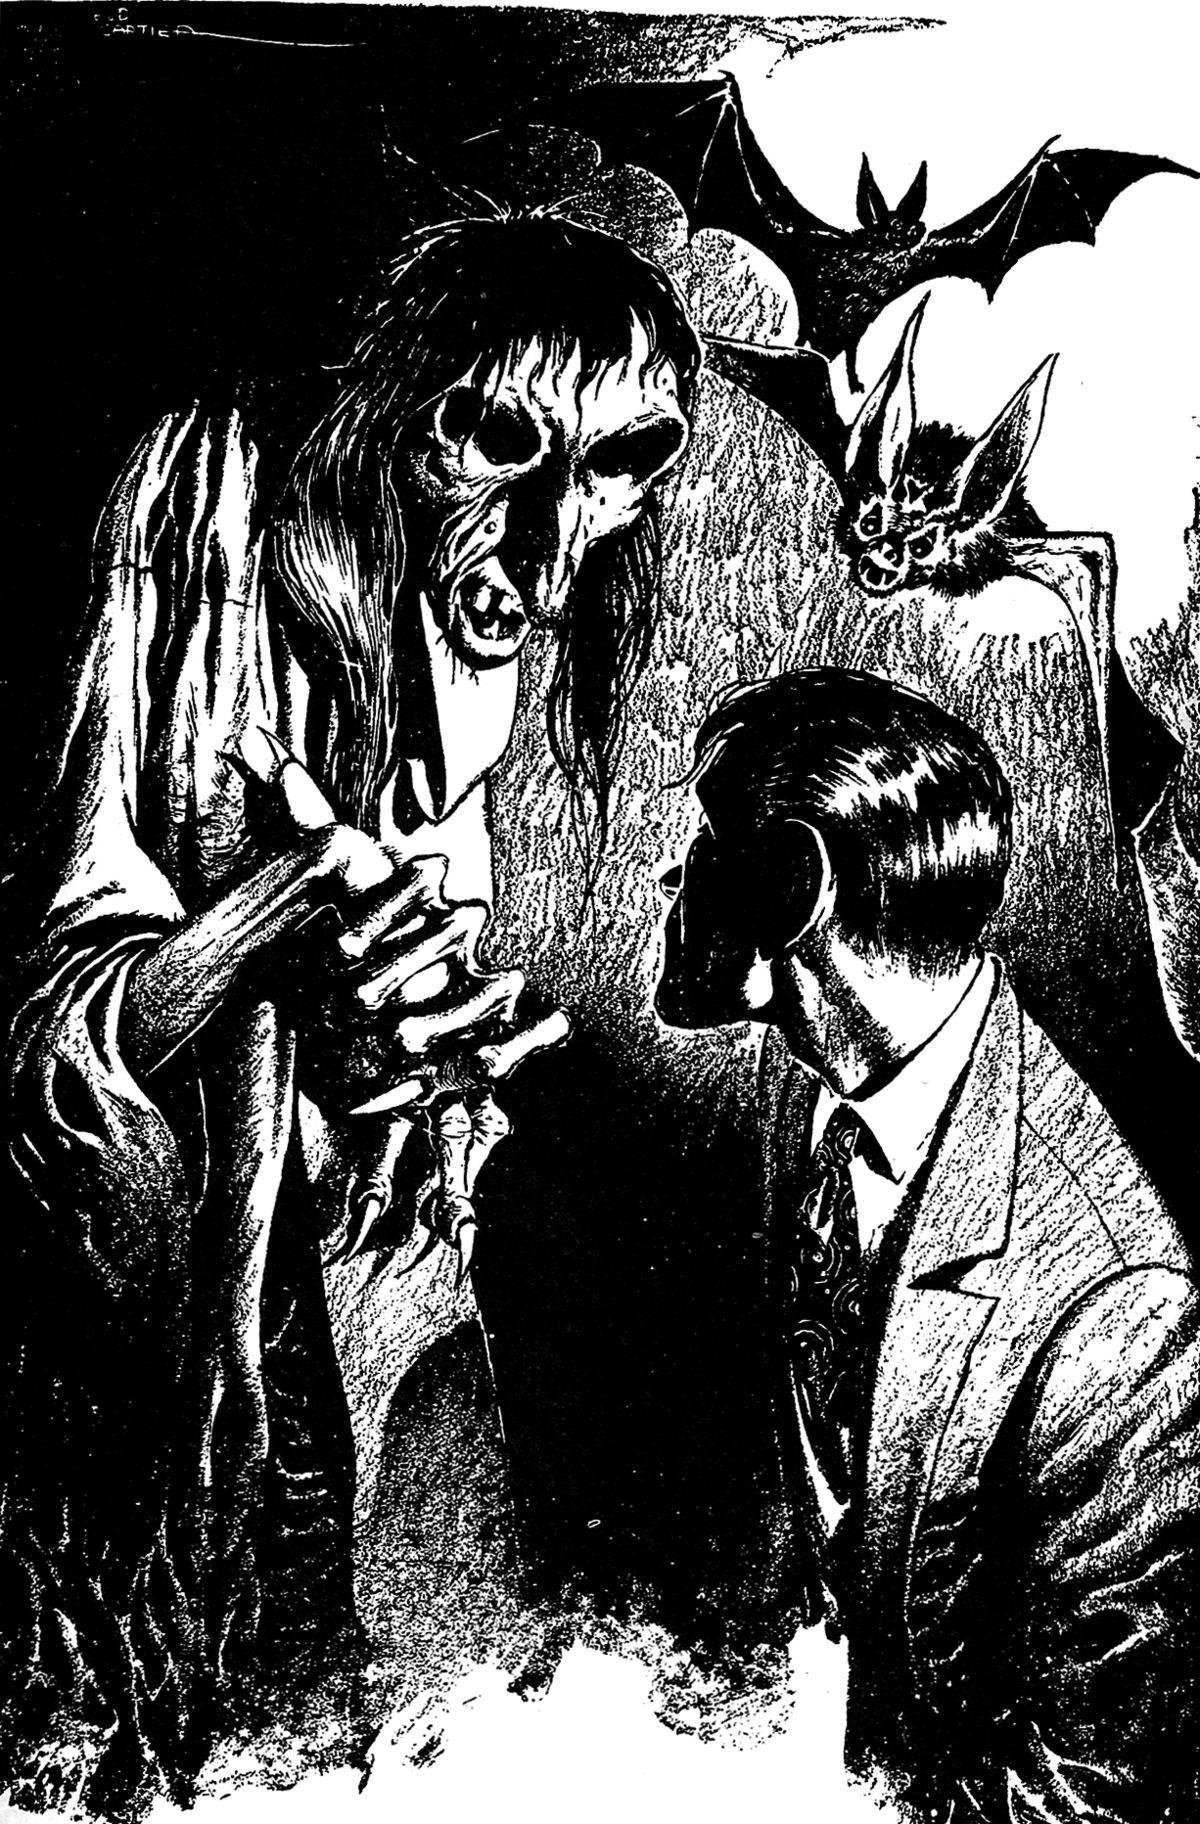 Fear (Hubbard novella) - Wikipedia